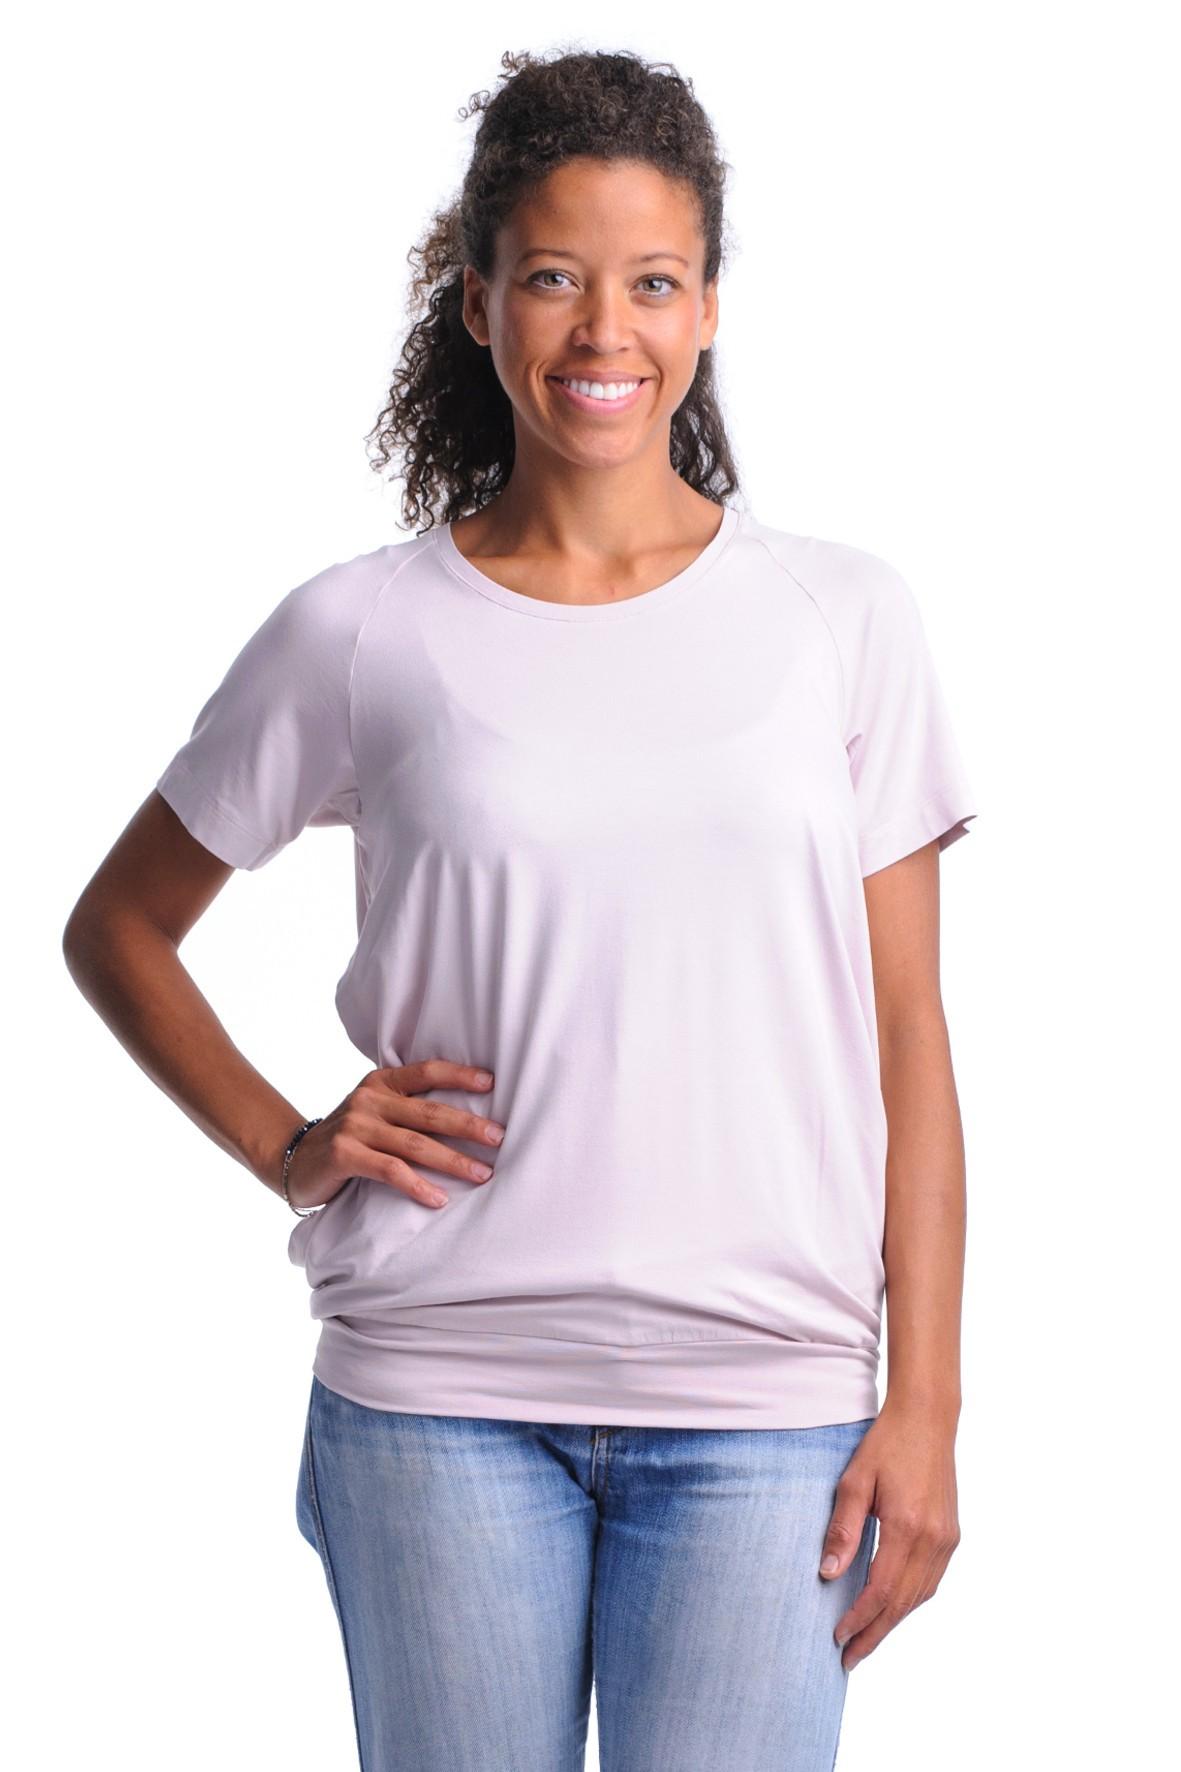 T-shirt dla przyszłej mamy